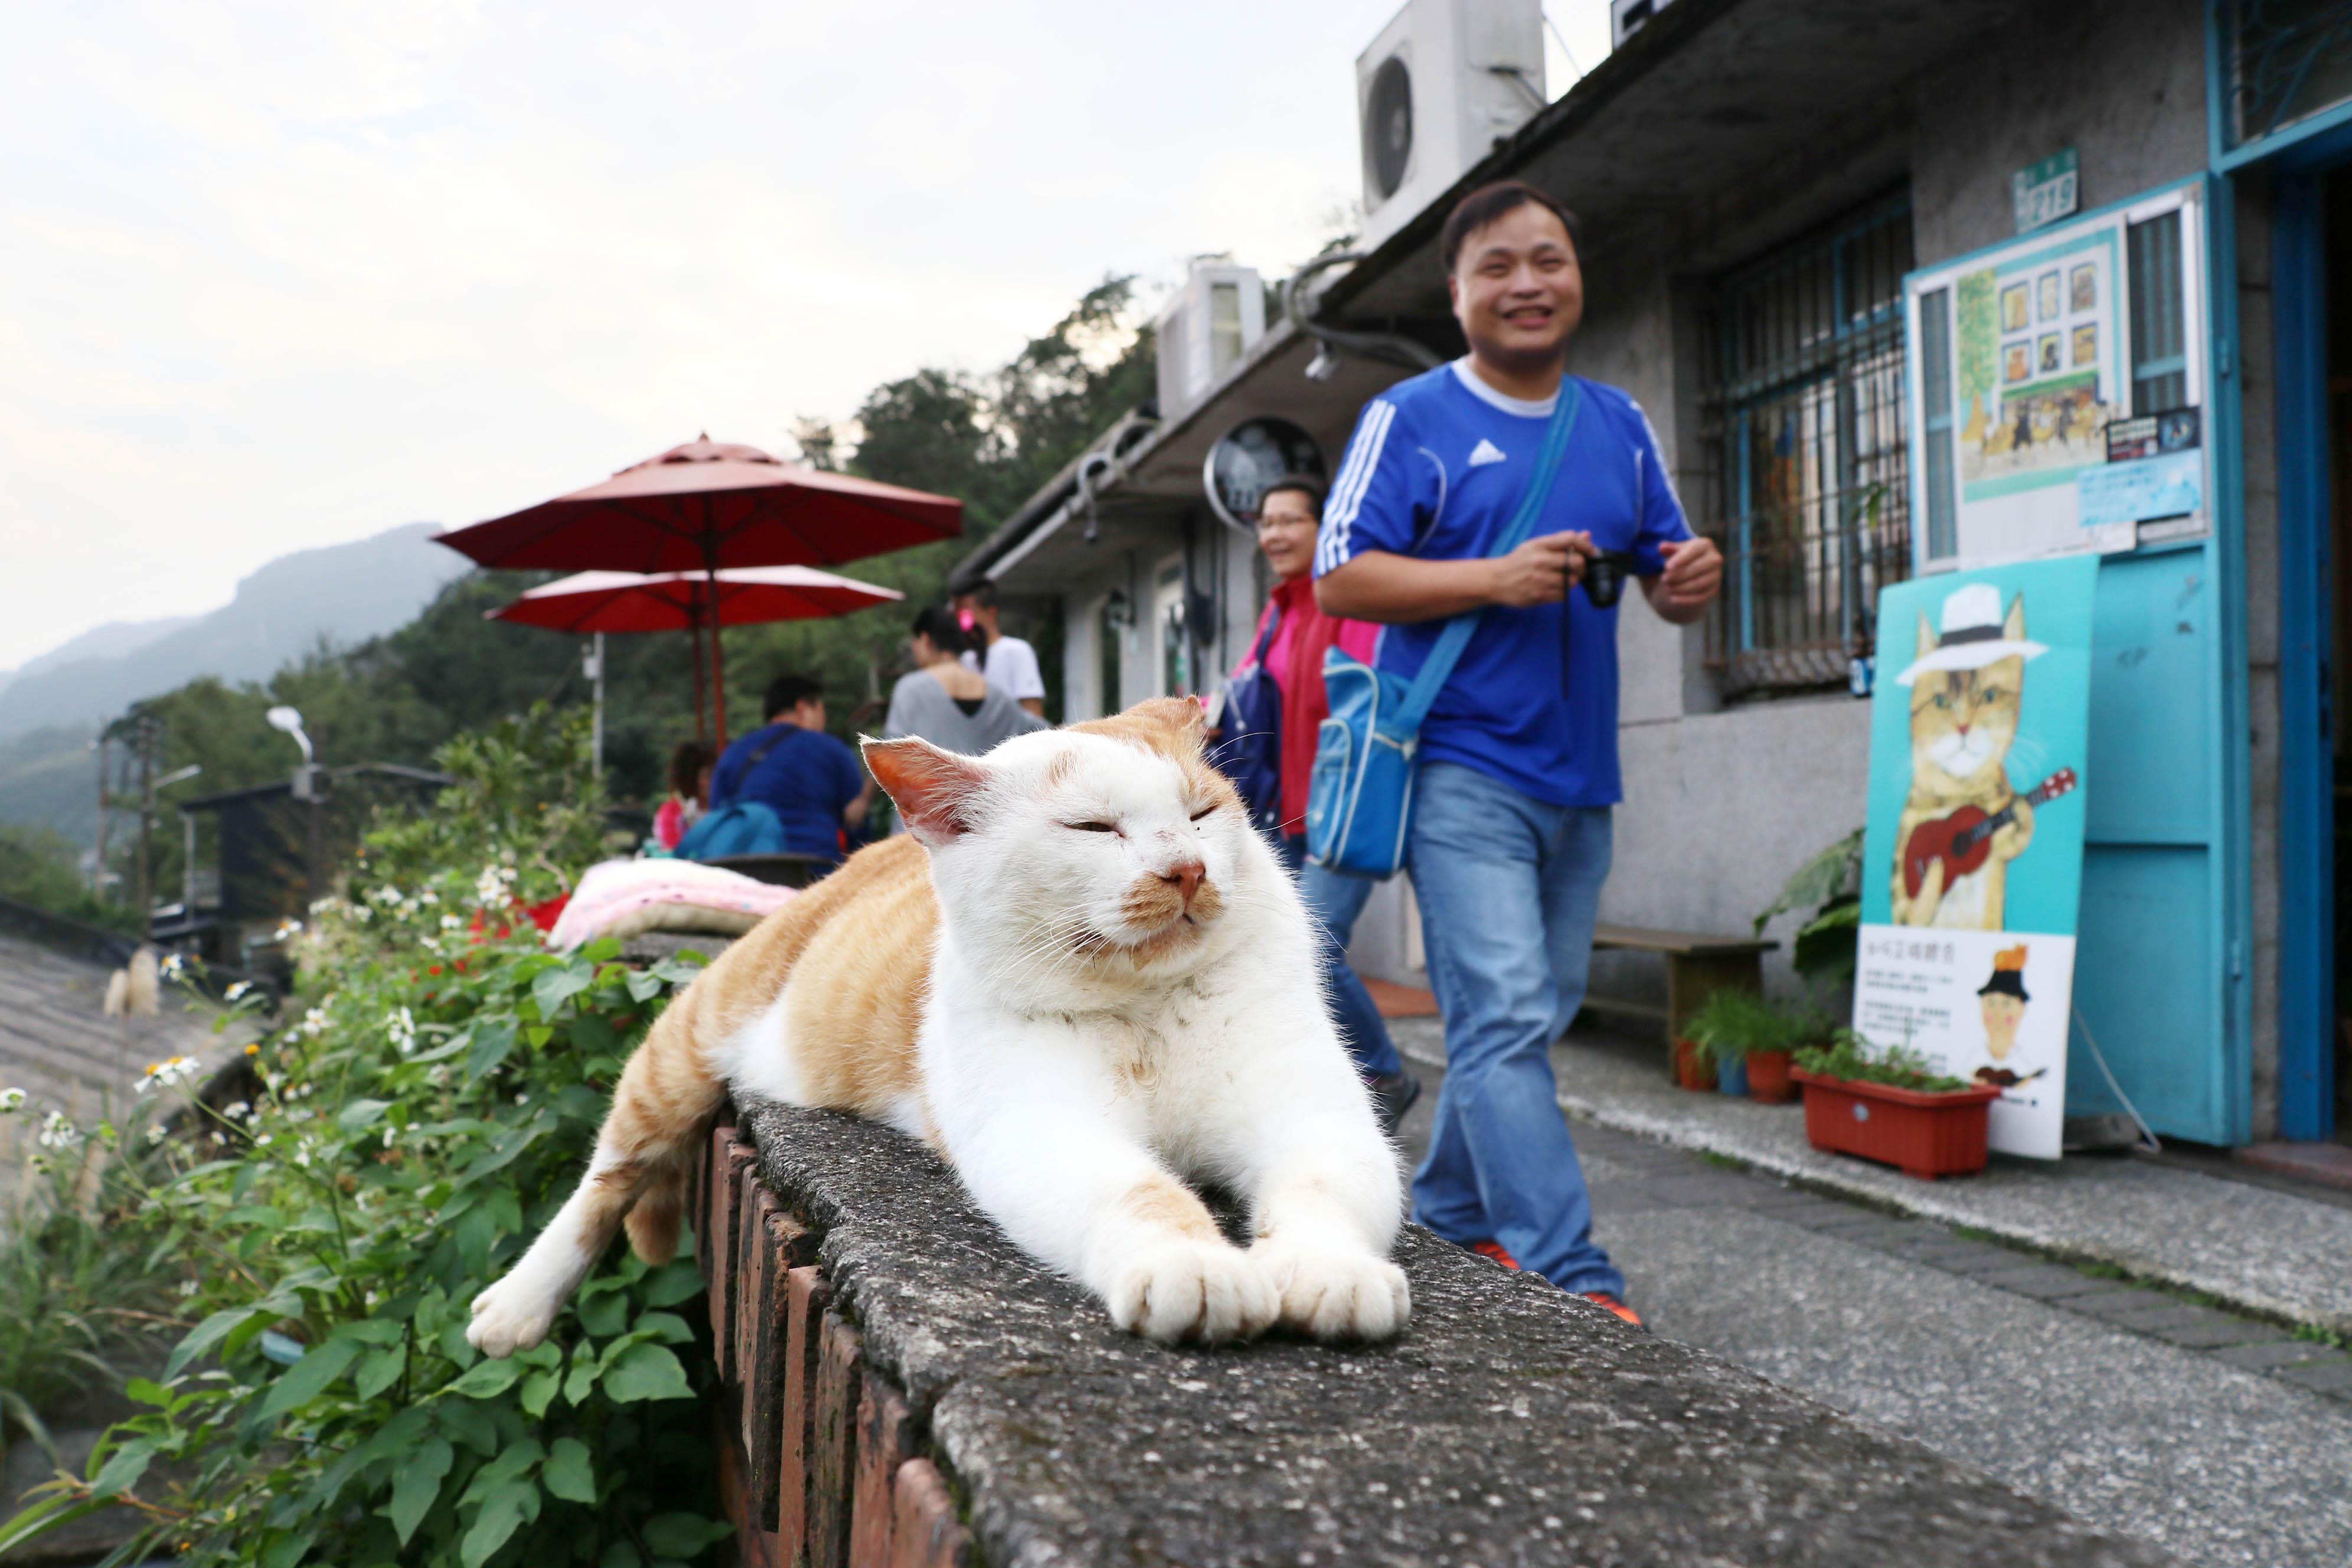 Những chú mèo đi lạc hoặc bị bỏ rơi đã vực dậy cả một thị trấn hoang vắng. Ảnh: Asia Nikkei Review.